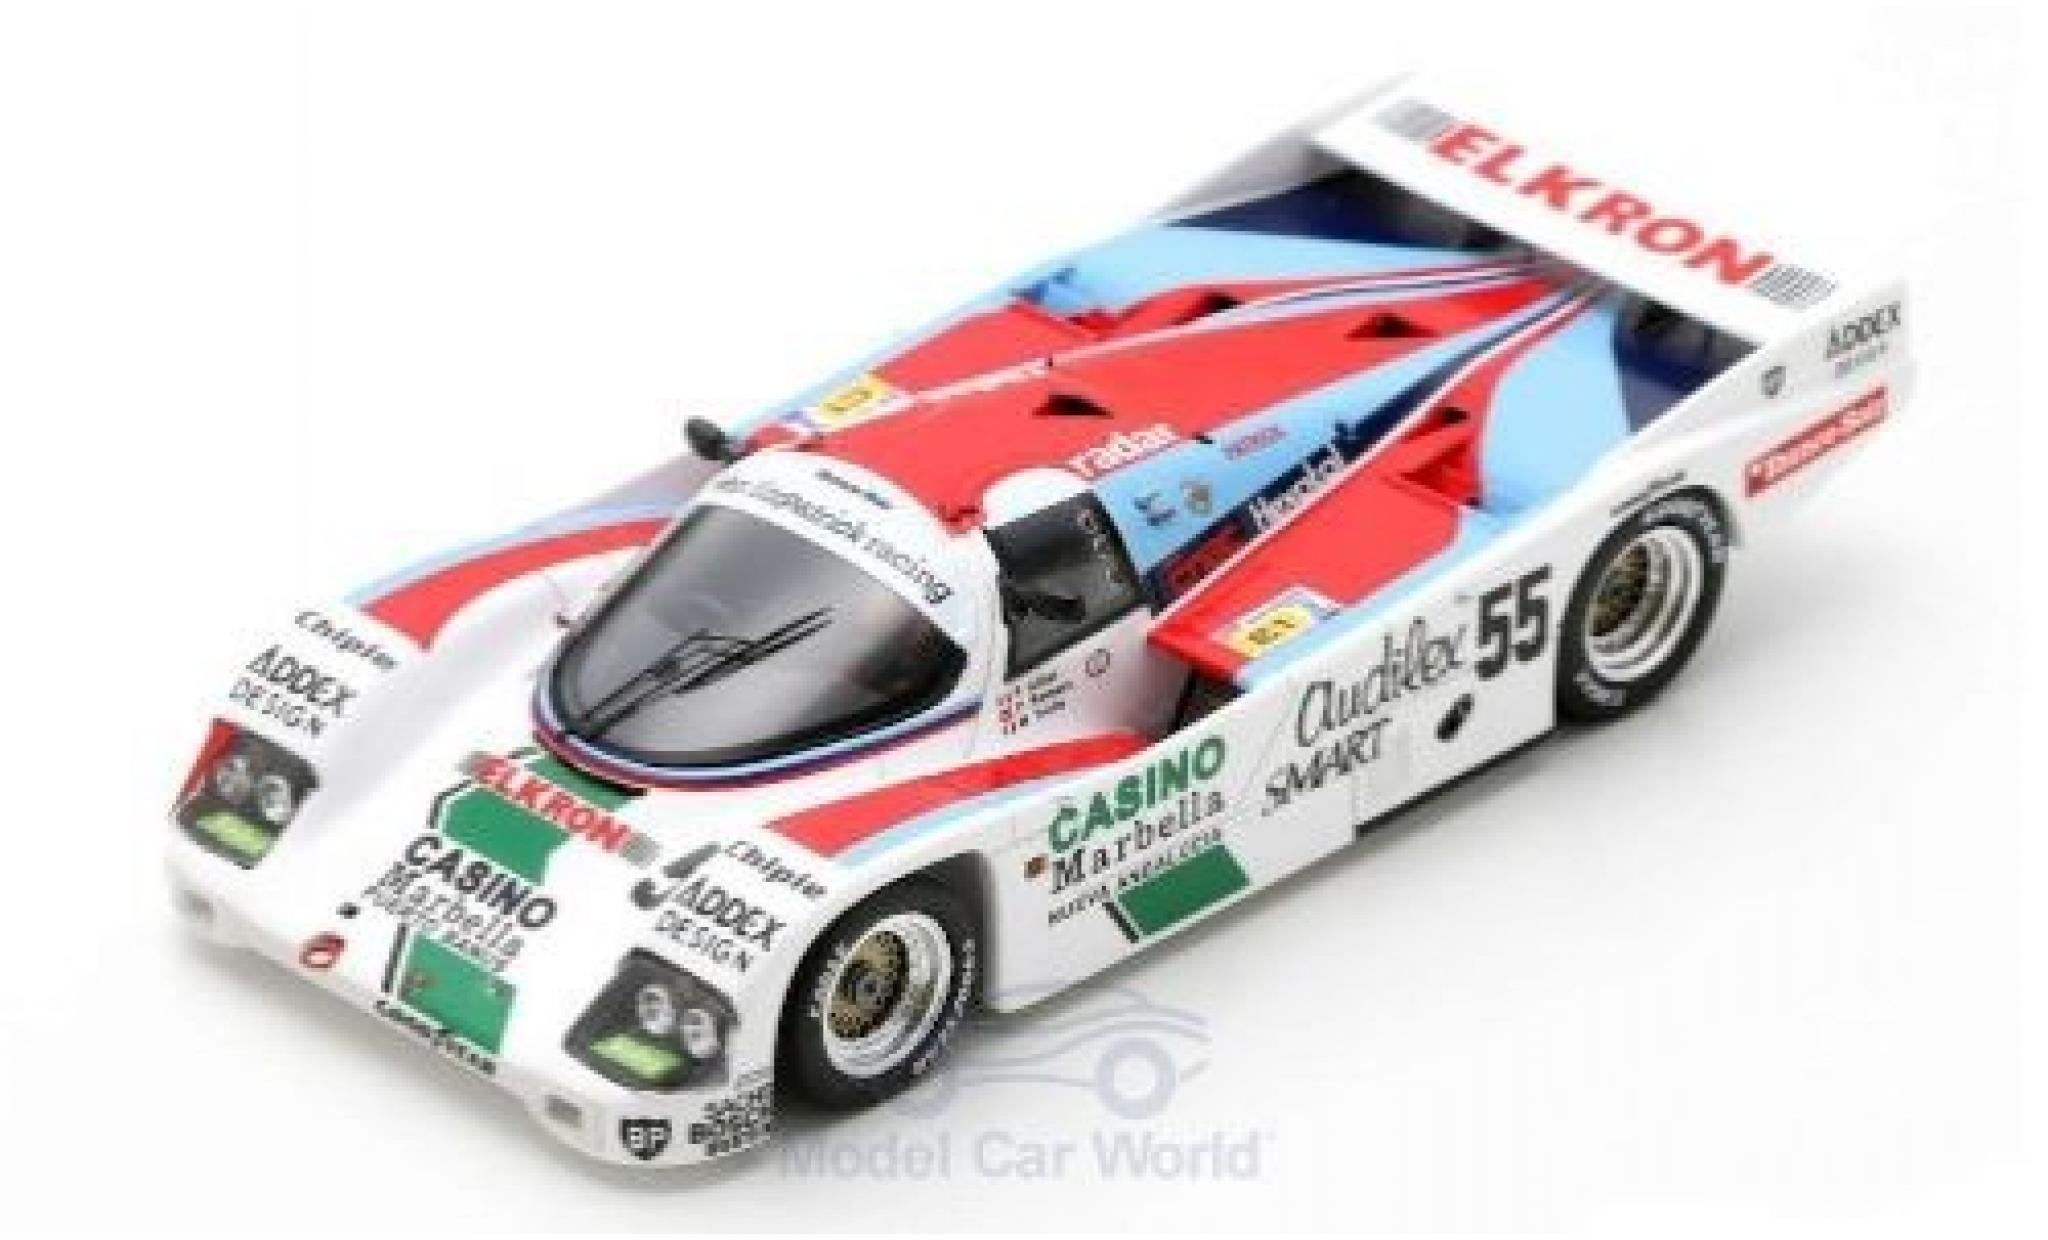 Porsche 956 1986 1/43 Spark /62 C RHD No.55 24h Le Mans F.Alliot/P.Romero/M.Trolle